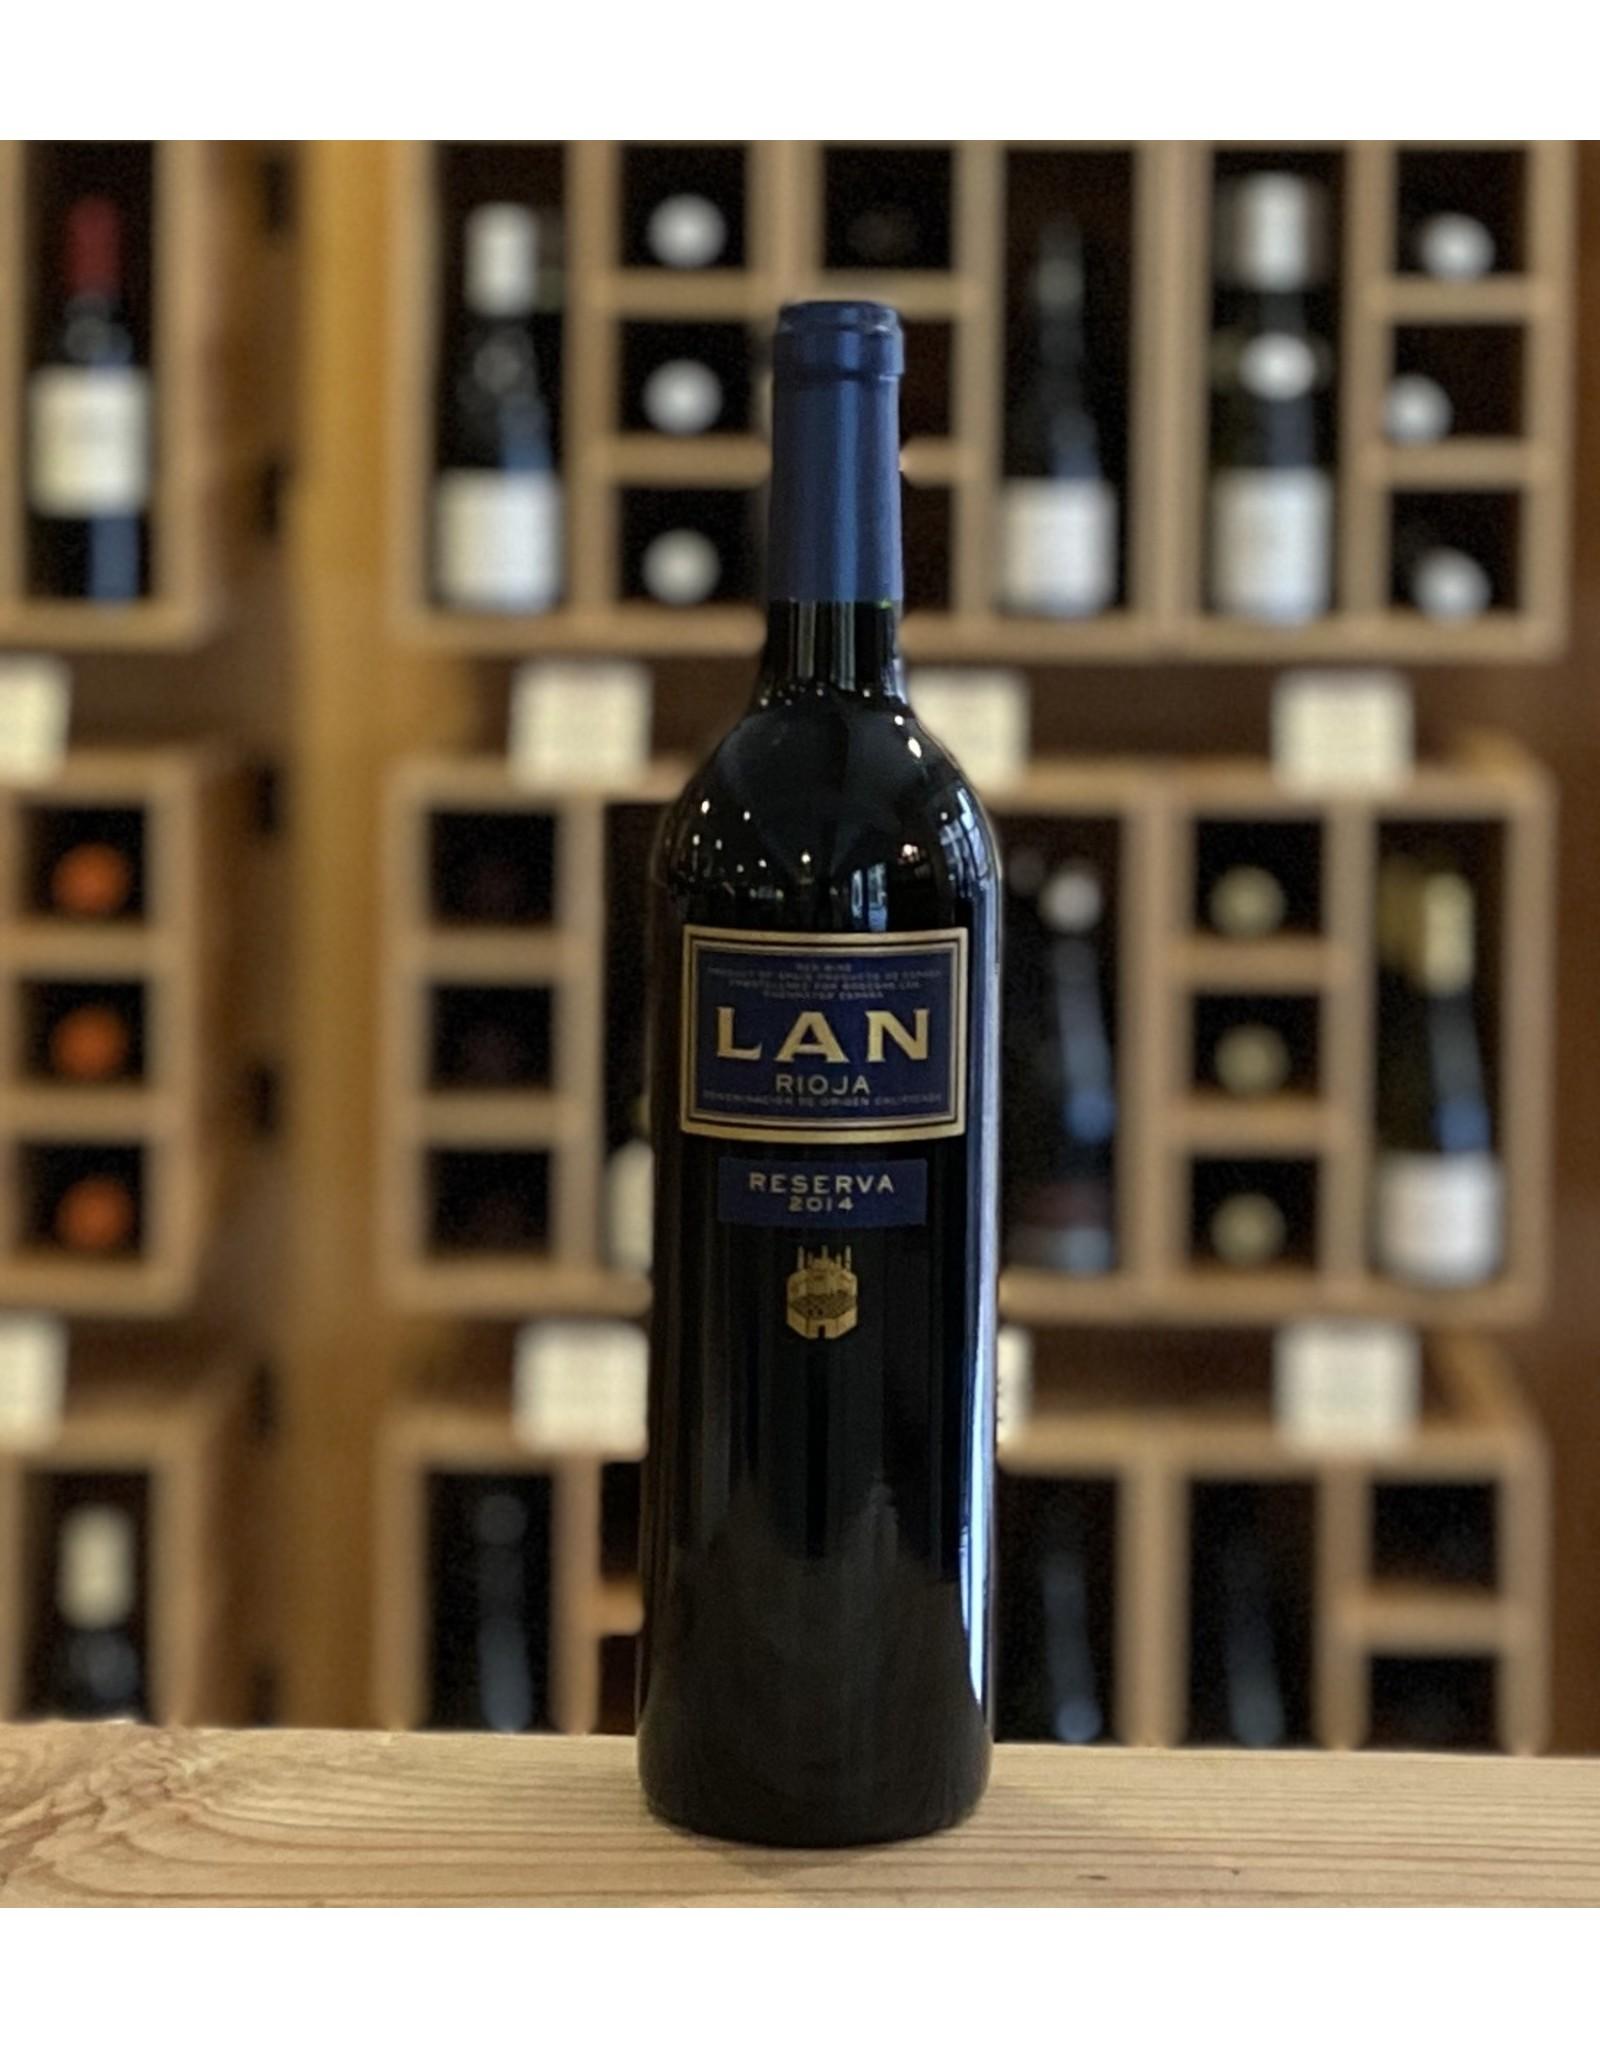 Rioja Bodegas Lan Rioja Reserva 2015 - Rioja, Spain